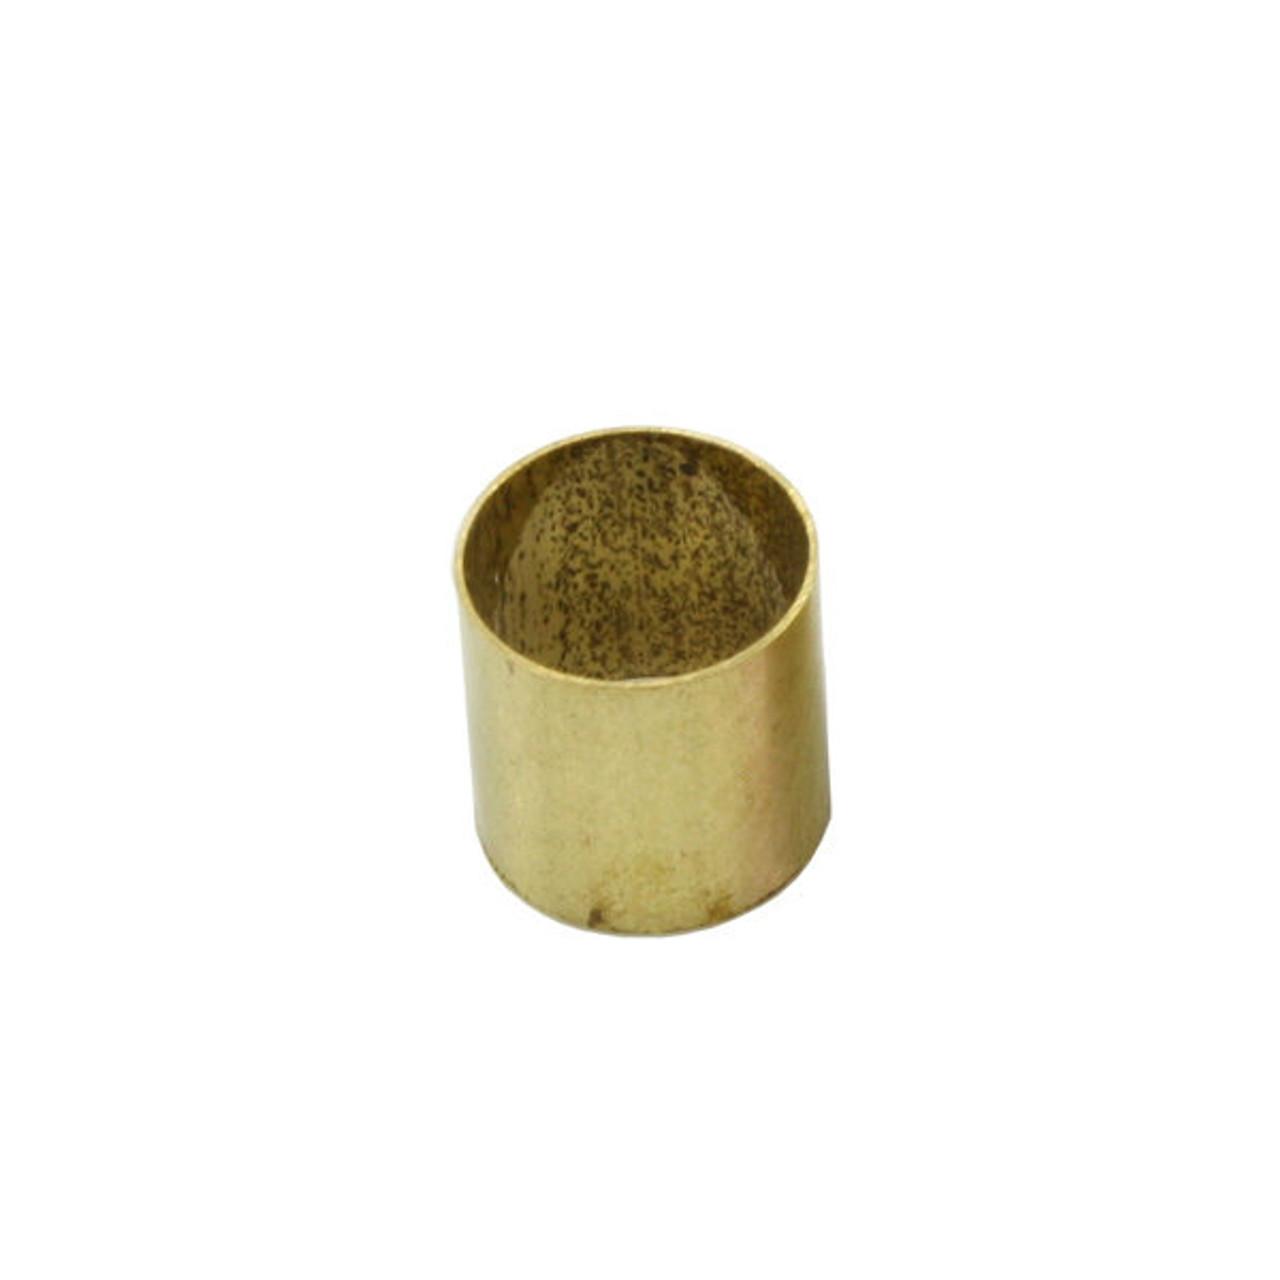 Brass Pot Sleeve